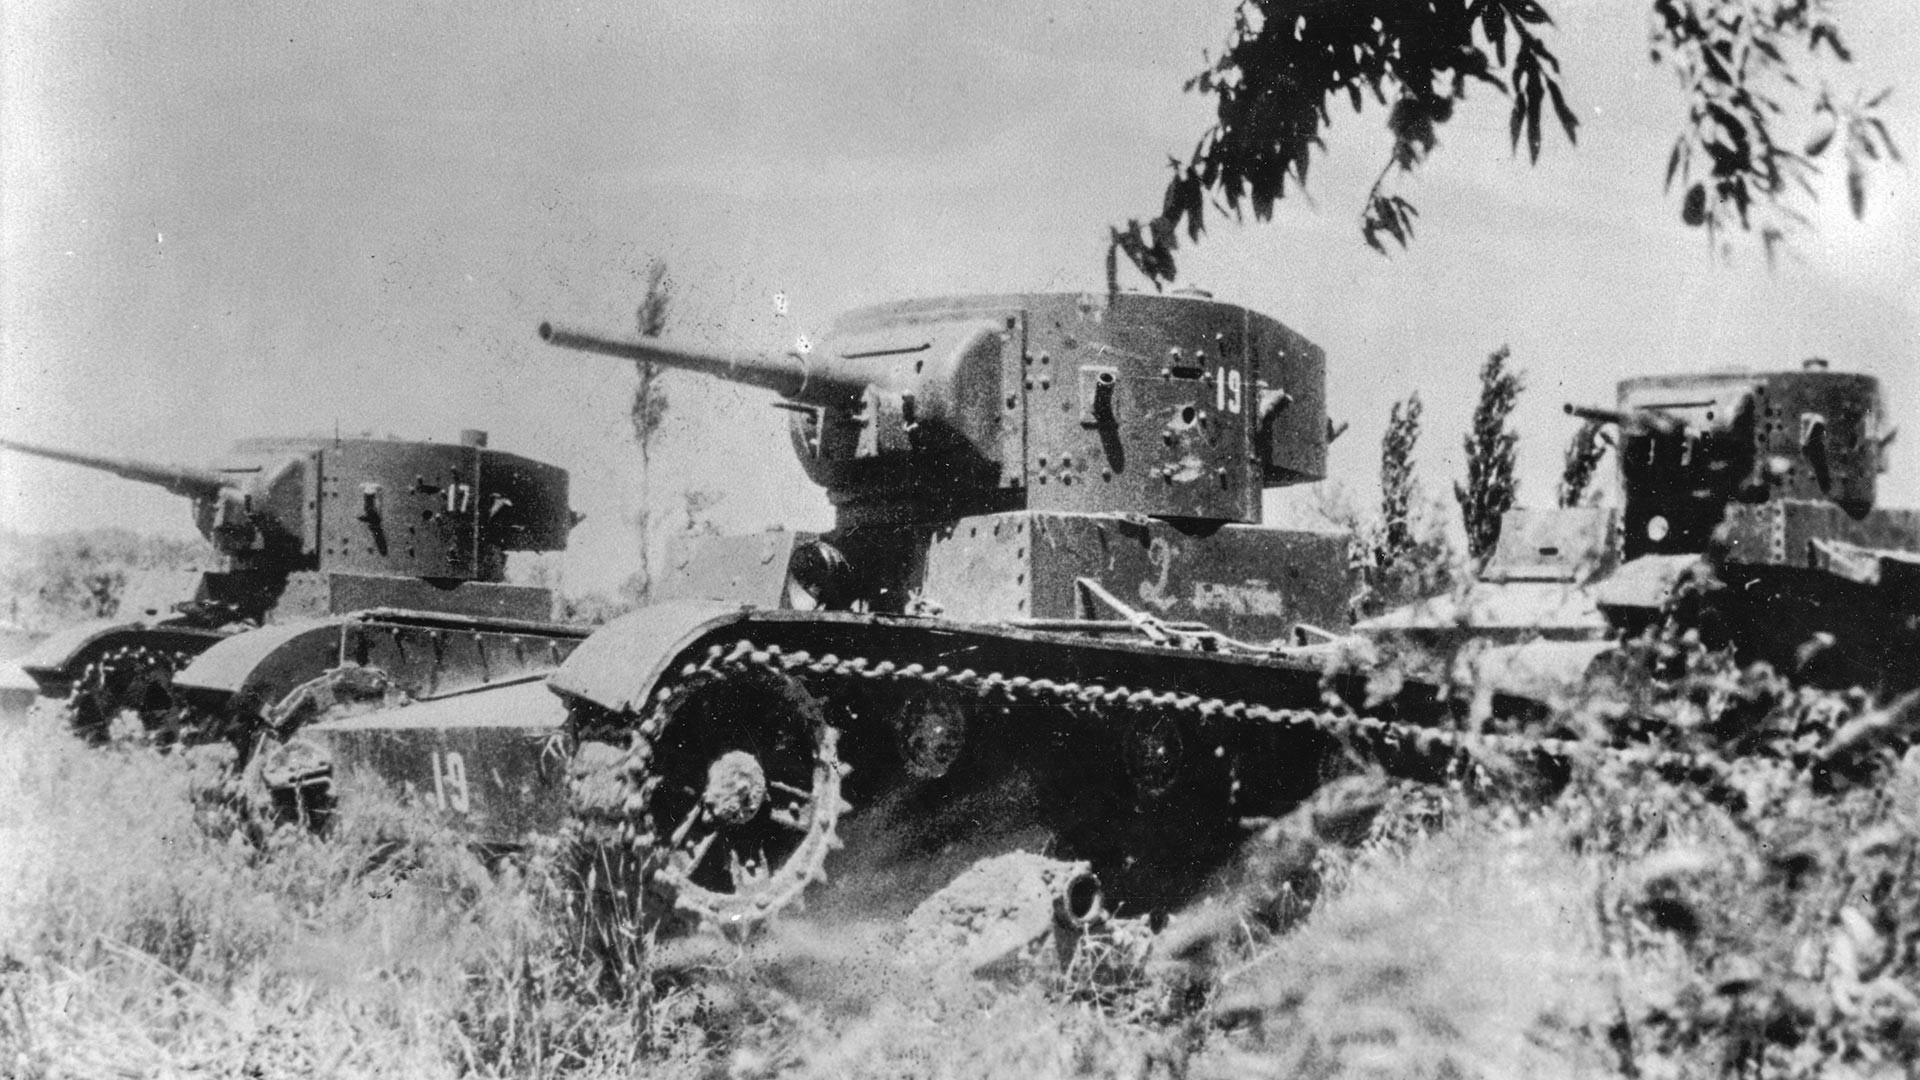 Soviet T-26 tanks in Spain.